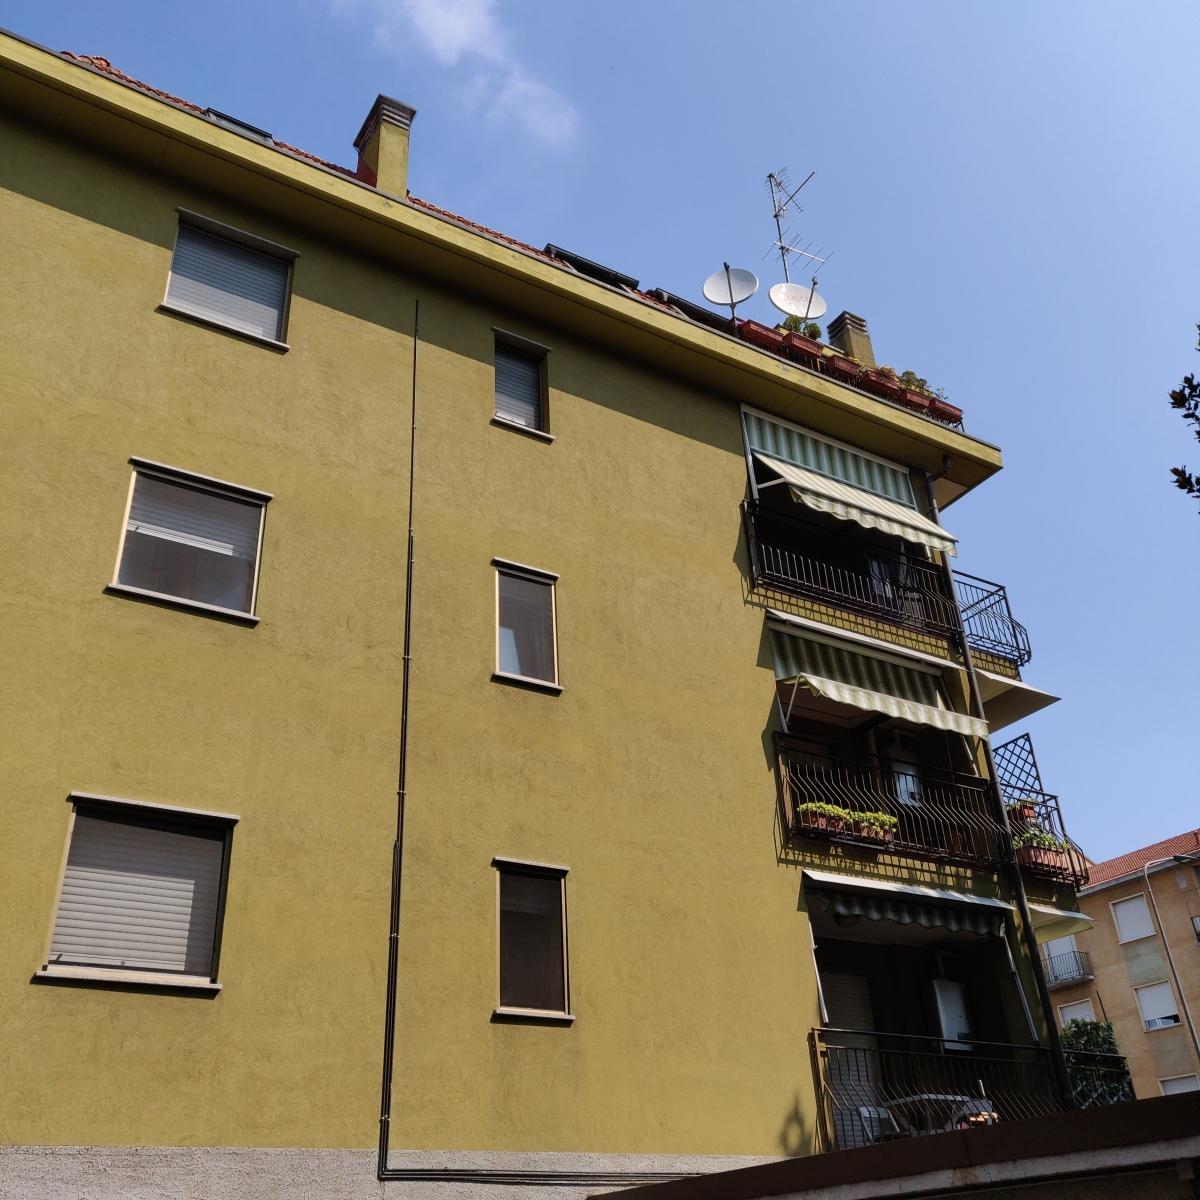 appartamento-in-vendita-a-baggio-via-cassolnovo-bagarotti-3-locali-milano-trilocale-spaziourbano-immobiliare-vende-21